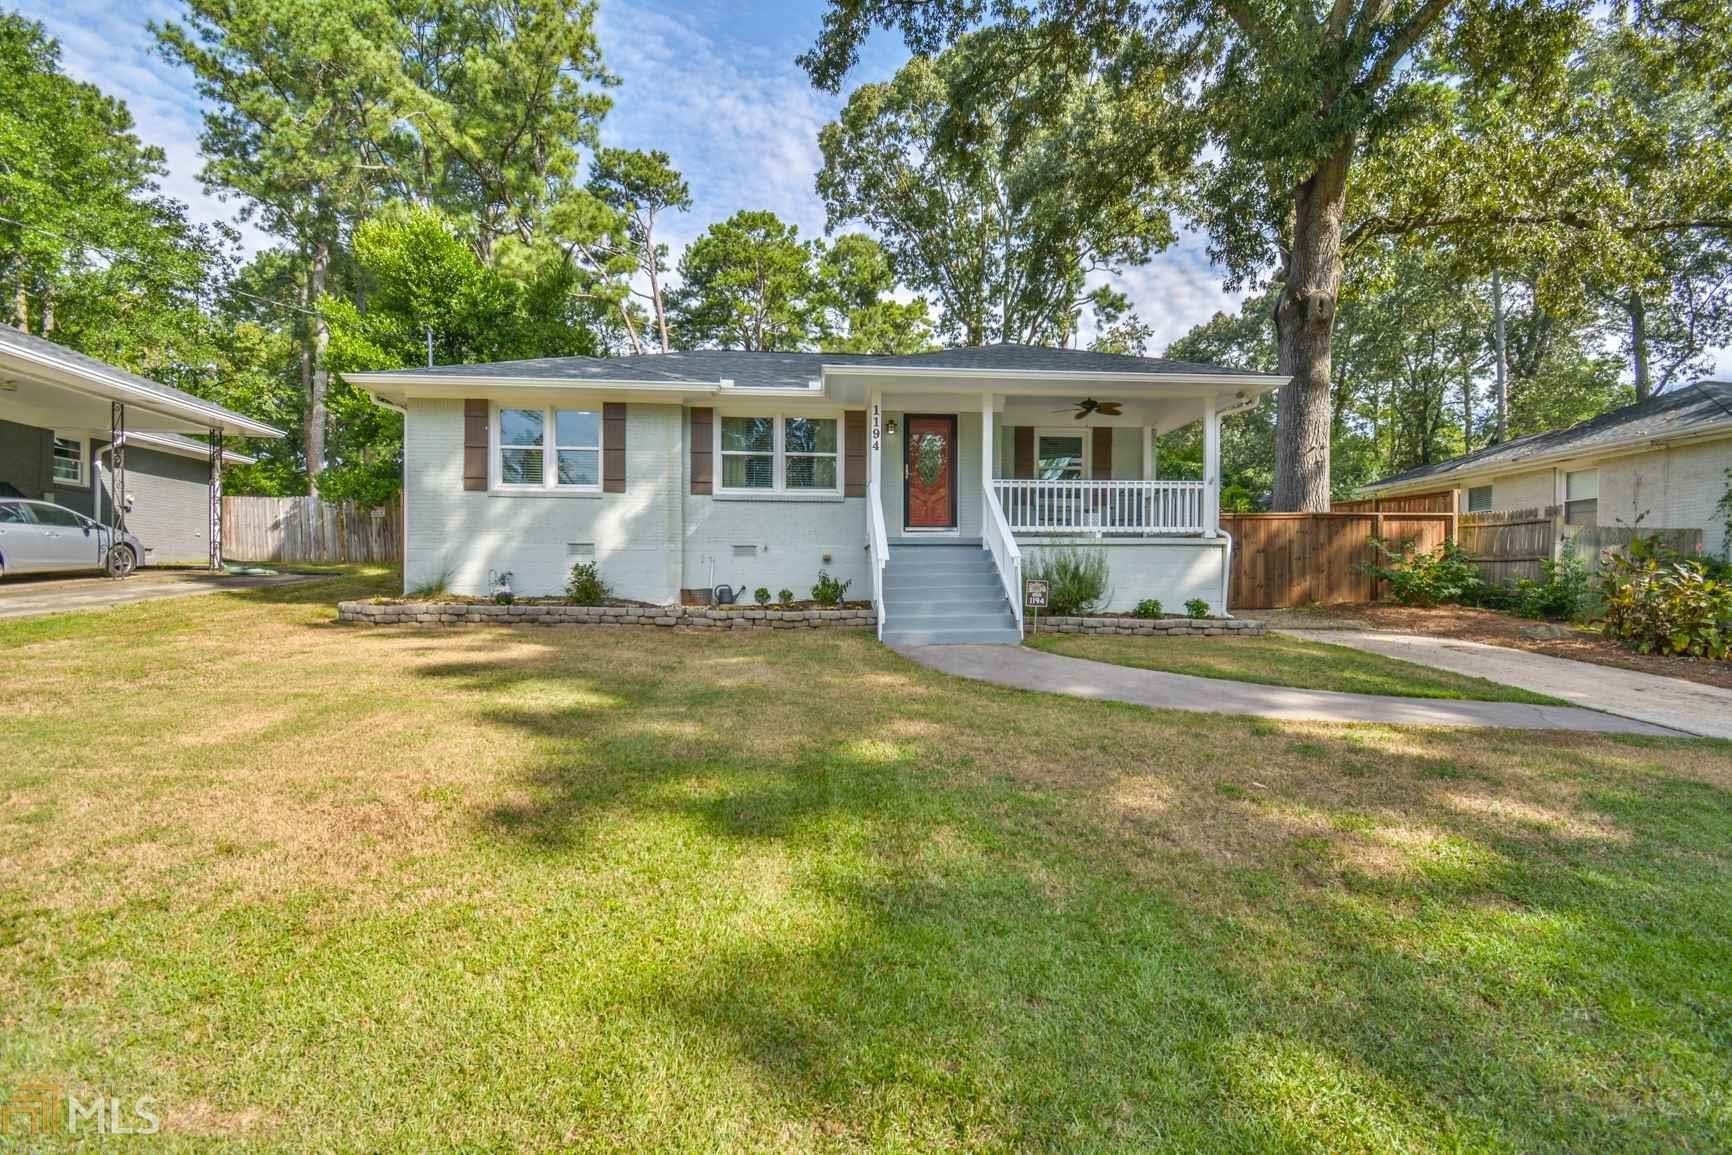 1194 Greenleaf Rd, Atlanta, GA 30316 - #: 8862786